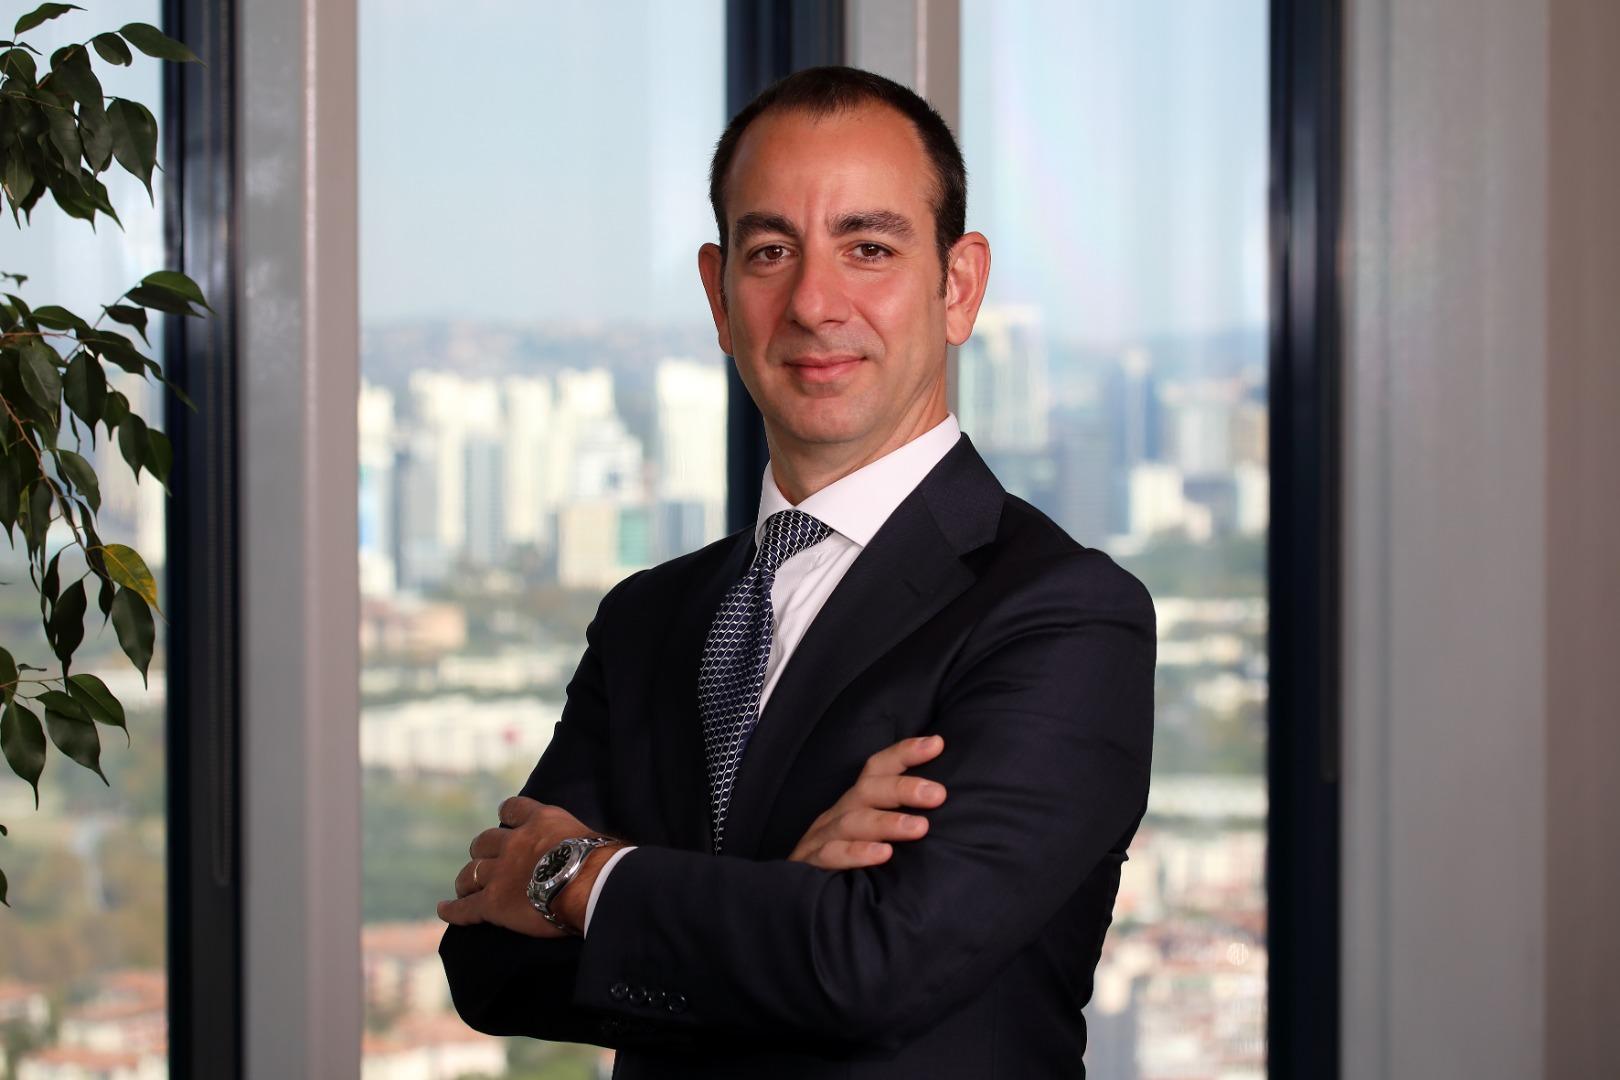 Türkiye'nin en iyi portföy yönetim şirketi Ak Portföy oldu